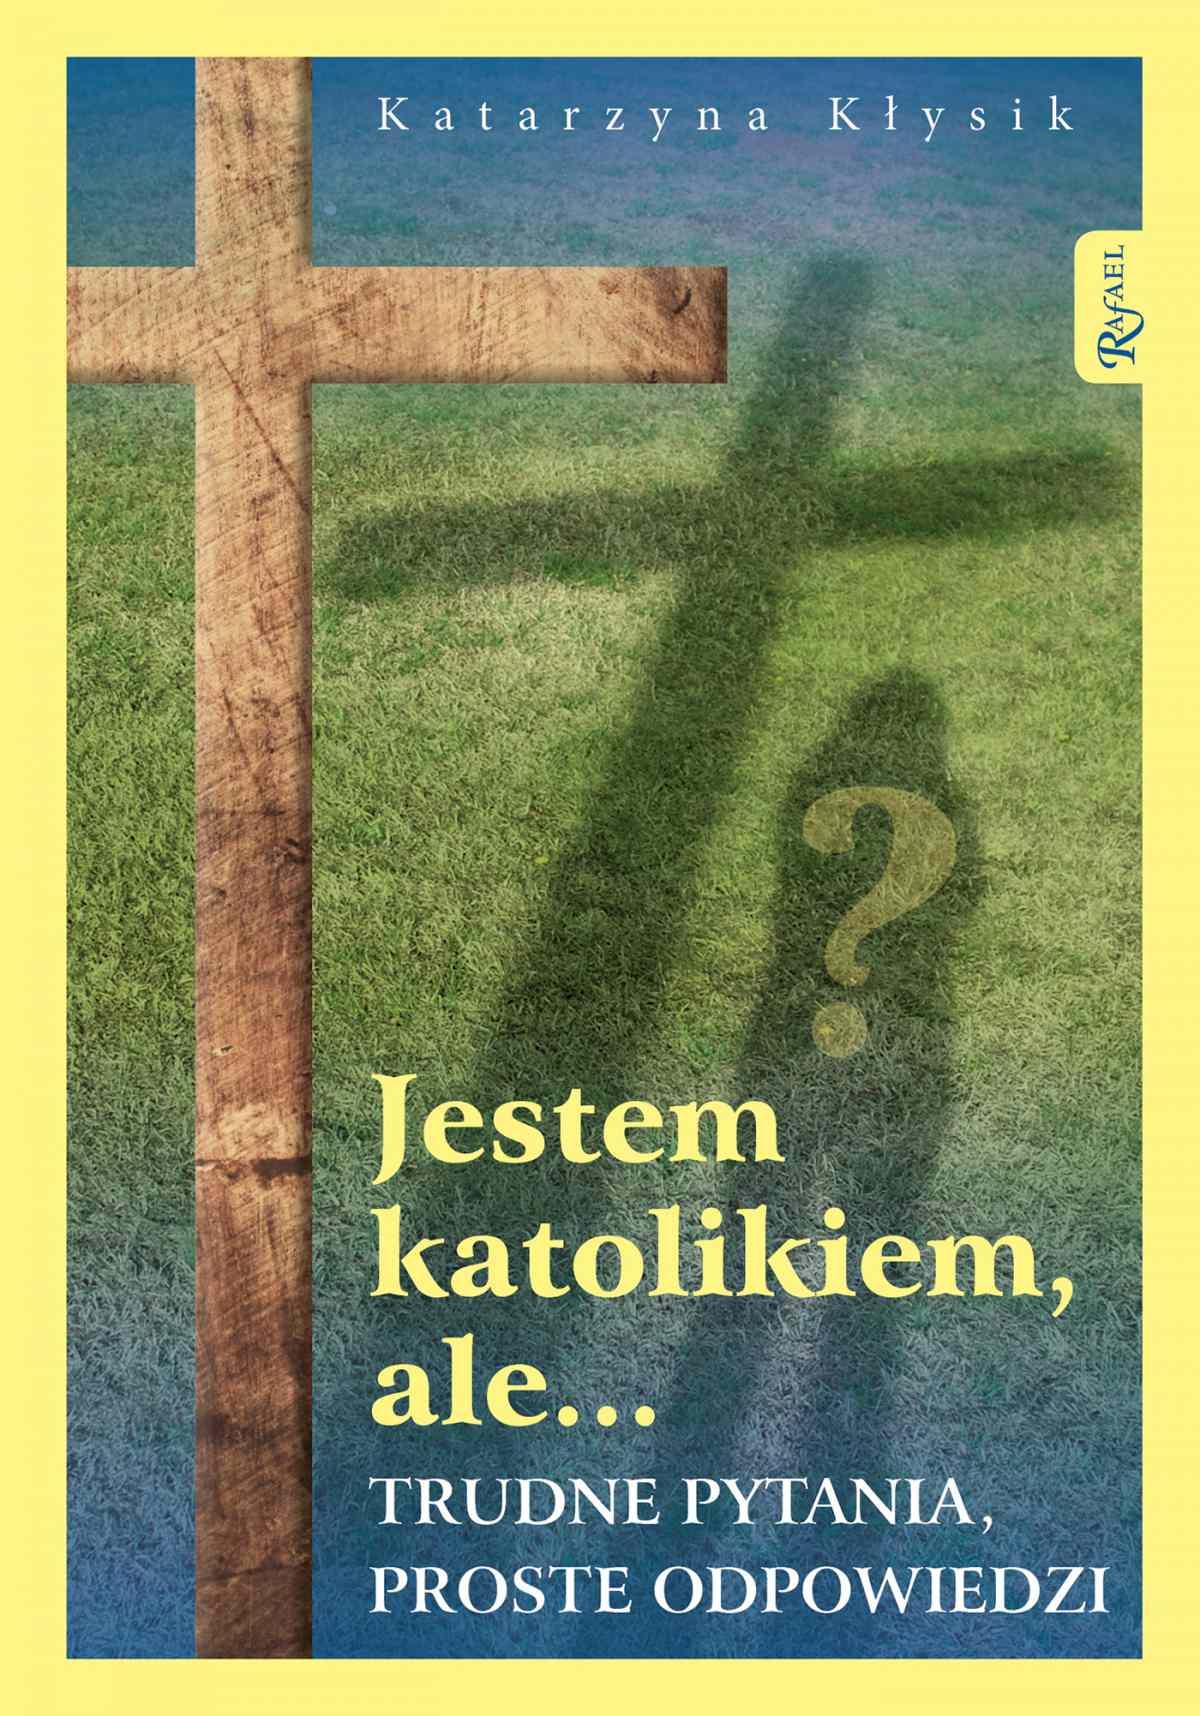 Jestem katolikiem, ale... Trudne pytania, proste odpowiedzi - Ebook (Książka EPUB) do pobrania w formacie EPUB